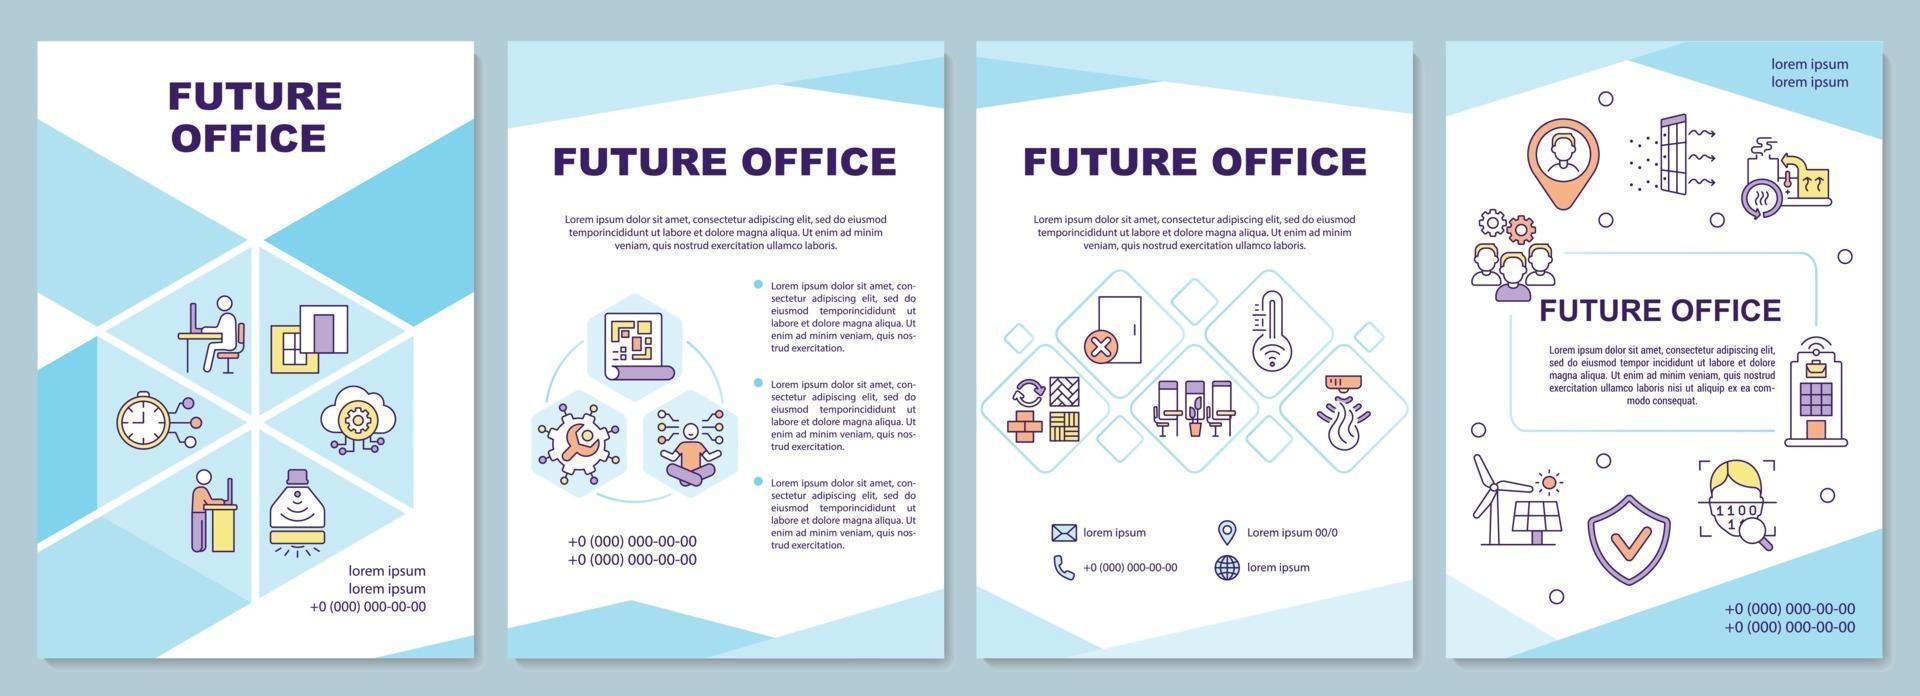 toekomstige kantoorbrochuremalplaatje vector